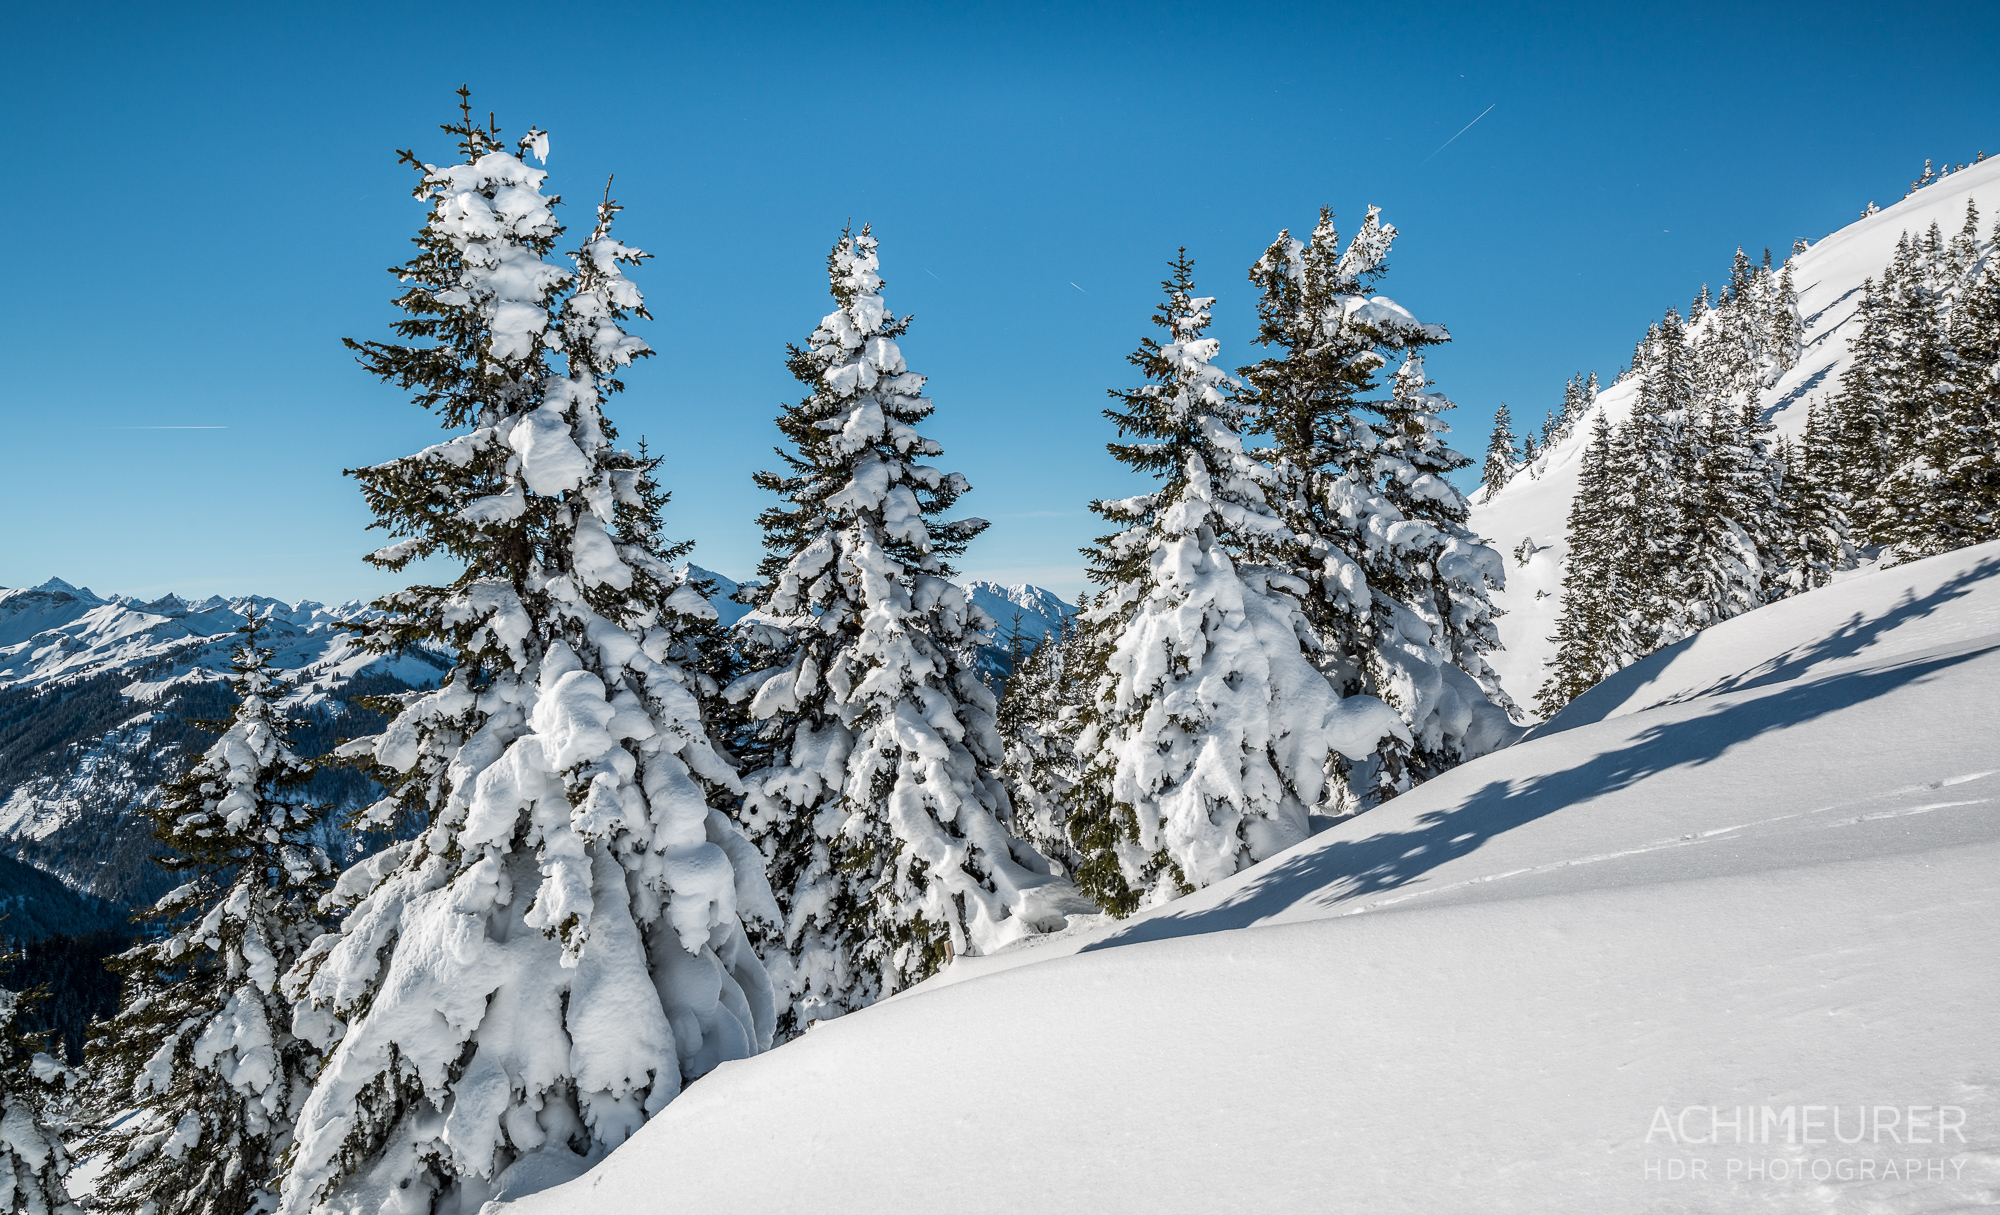 Die-schoensten-Winterfotos-Winterlandschaft-18 by Achim Meurer.